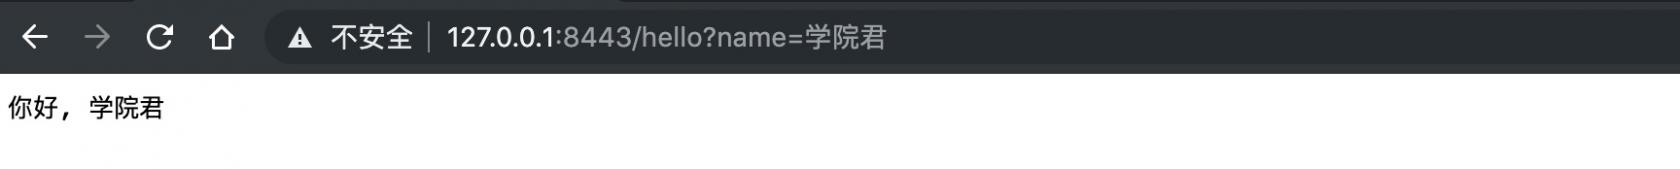 通过浏览器访问 HTTPS 服务